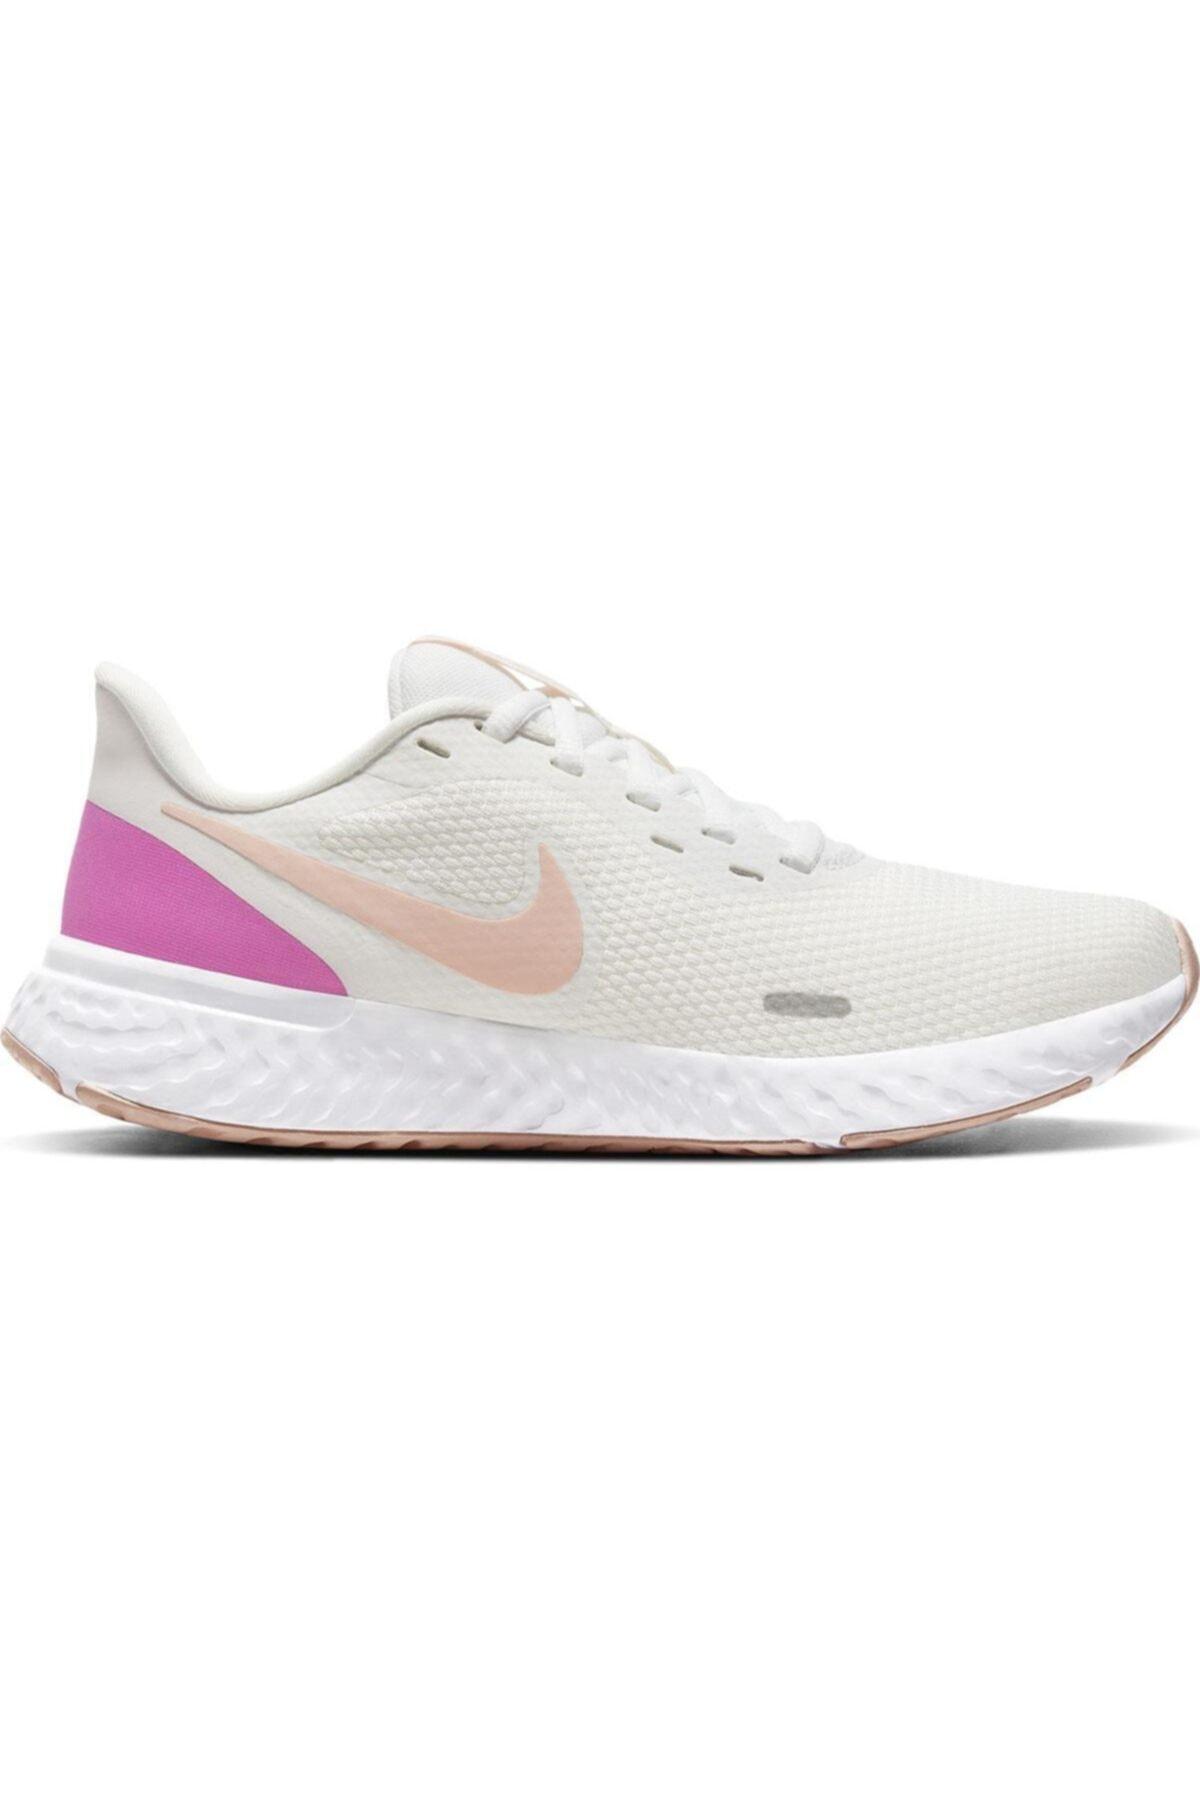 Nike Revolution 5 Kadın Beyaz Koşu Ayakkabısı Bq3207-103 1